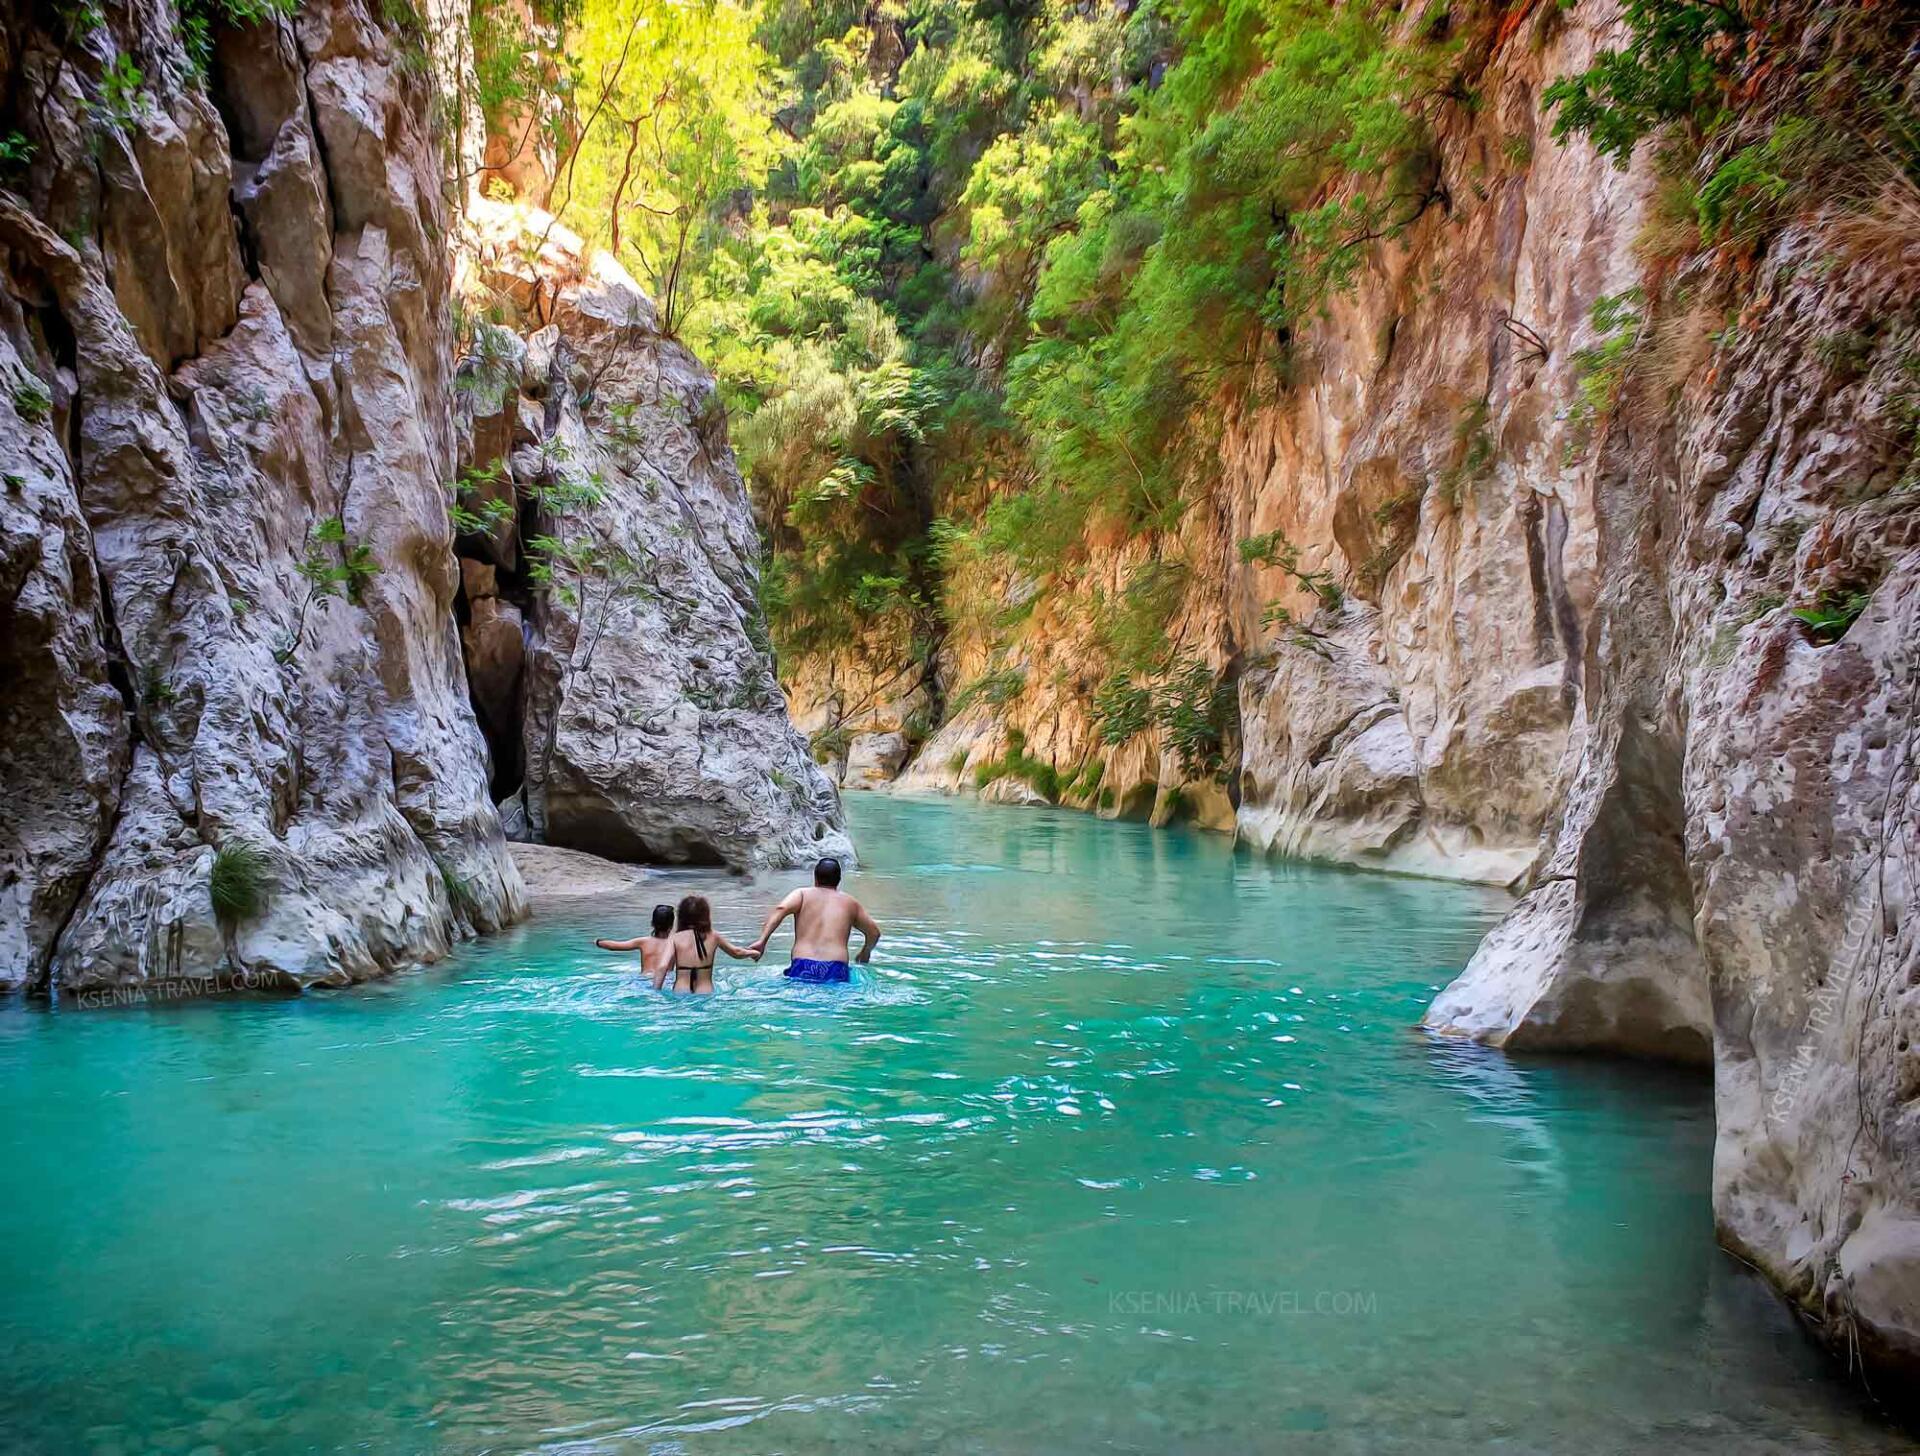 ахерон-река скорби, достопримечательности Греции